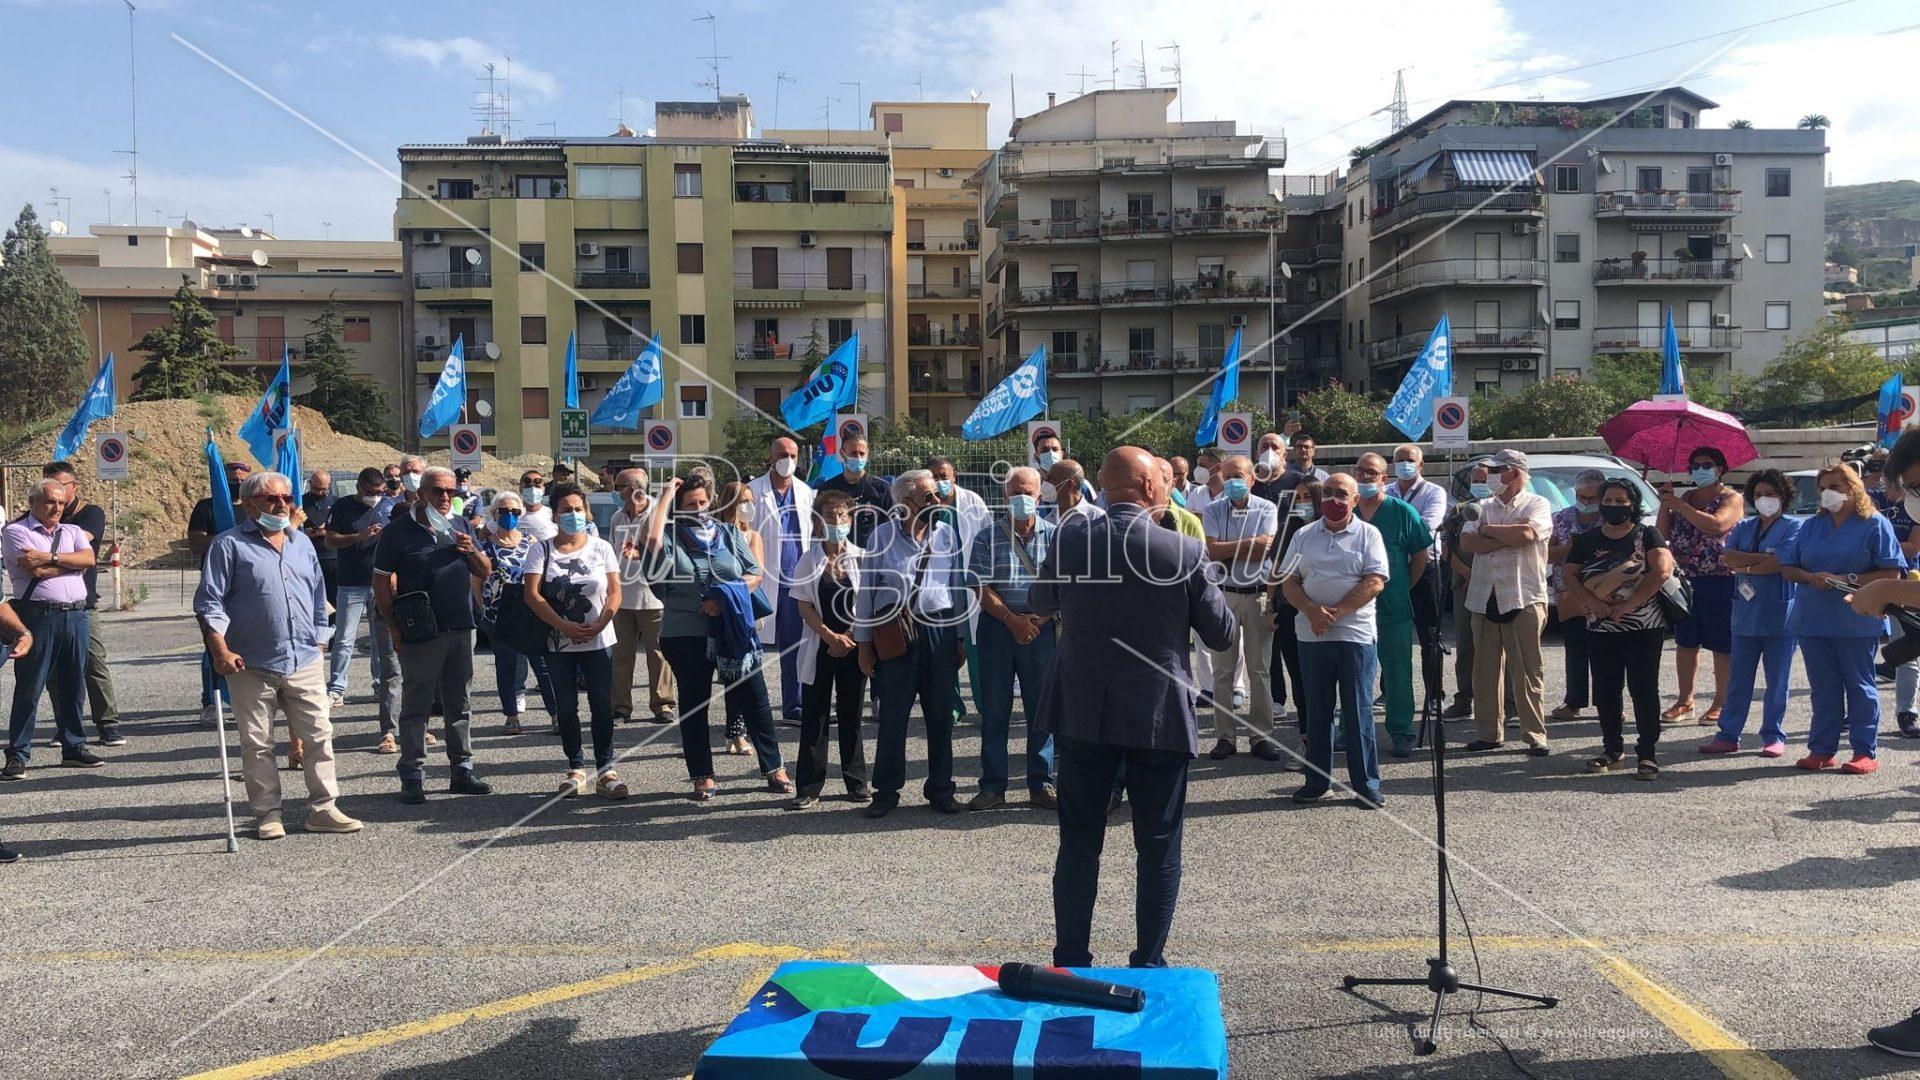 Gom al collasso, sit-in di protesta: «L'Asp è persa, l'ospedale si può ancora salvare»